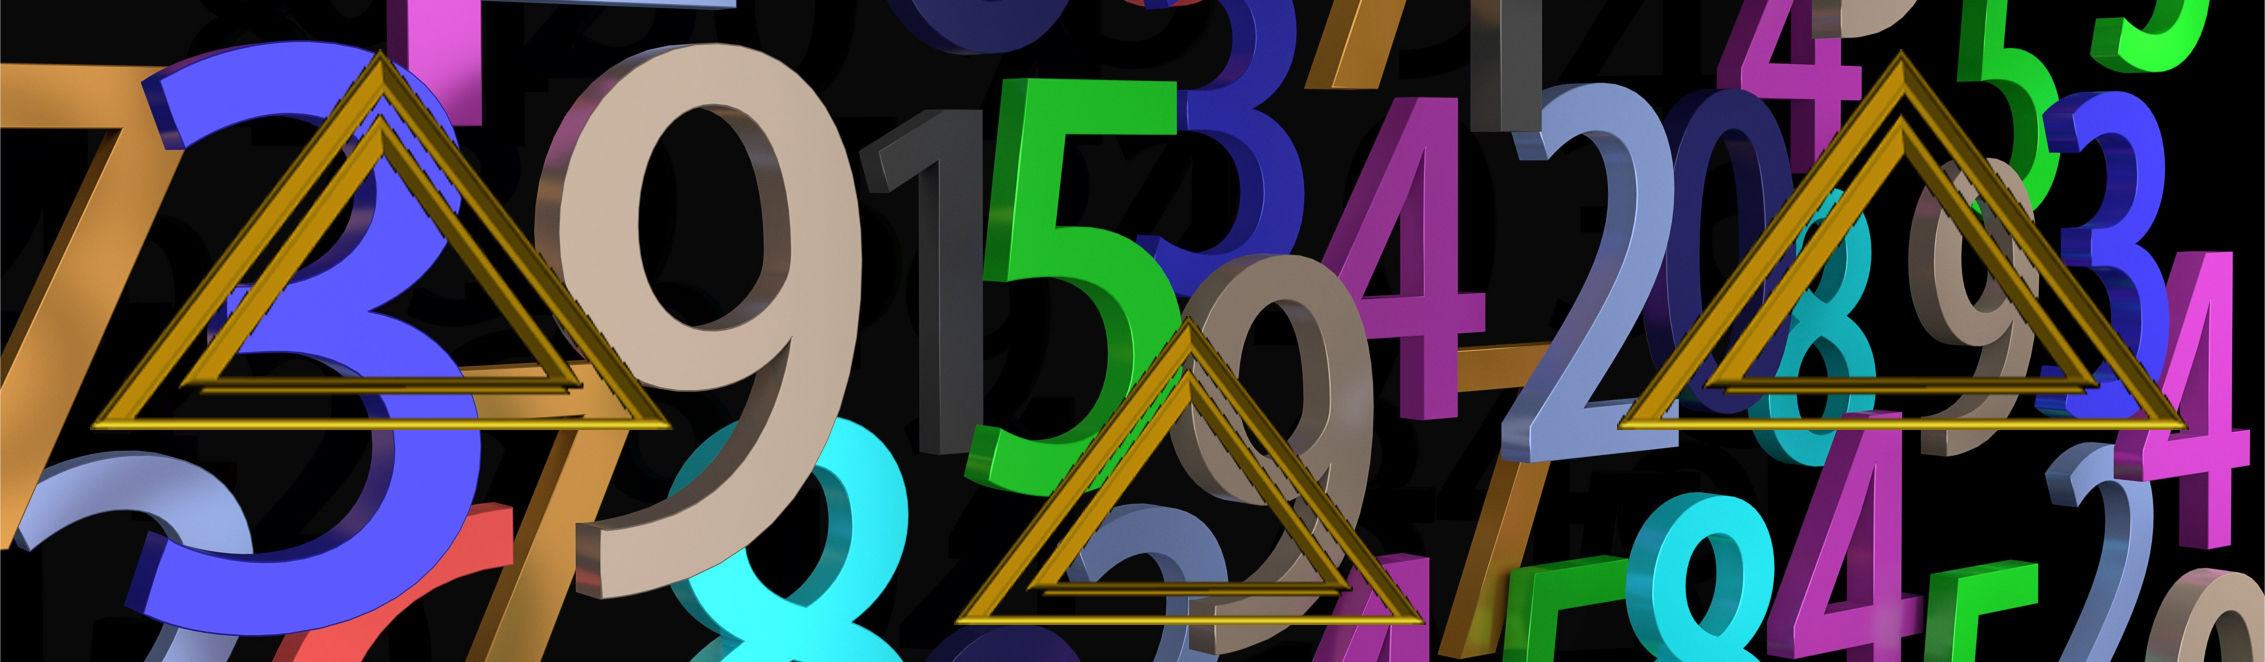 Ésotérisme et nombres